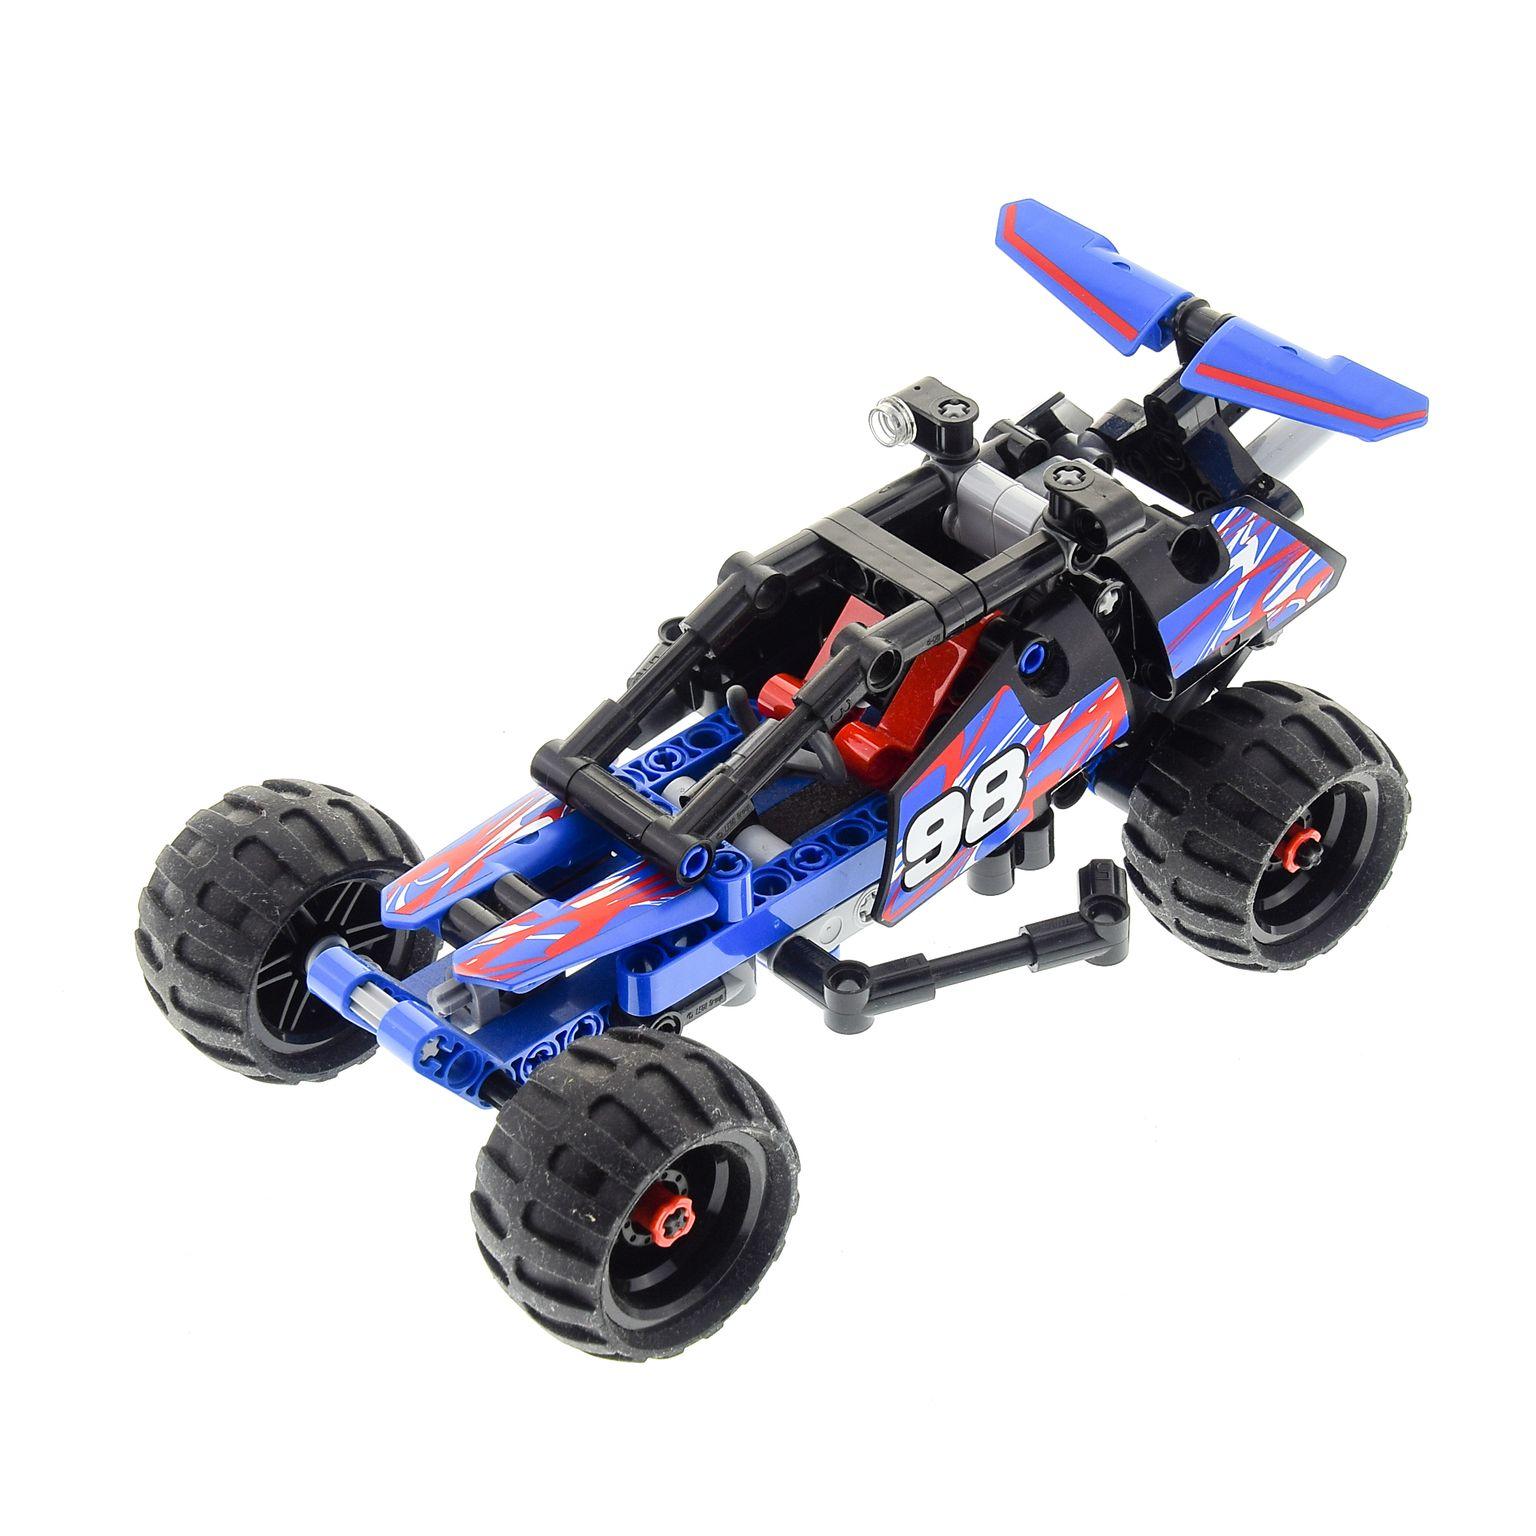 1x Lego Technic Set Modell Nr 8256 Super Kart Rennauto grün Racer unvollständig Baukästen & Konstruktion